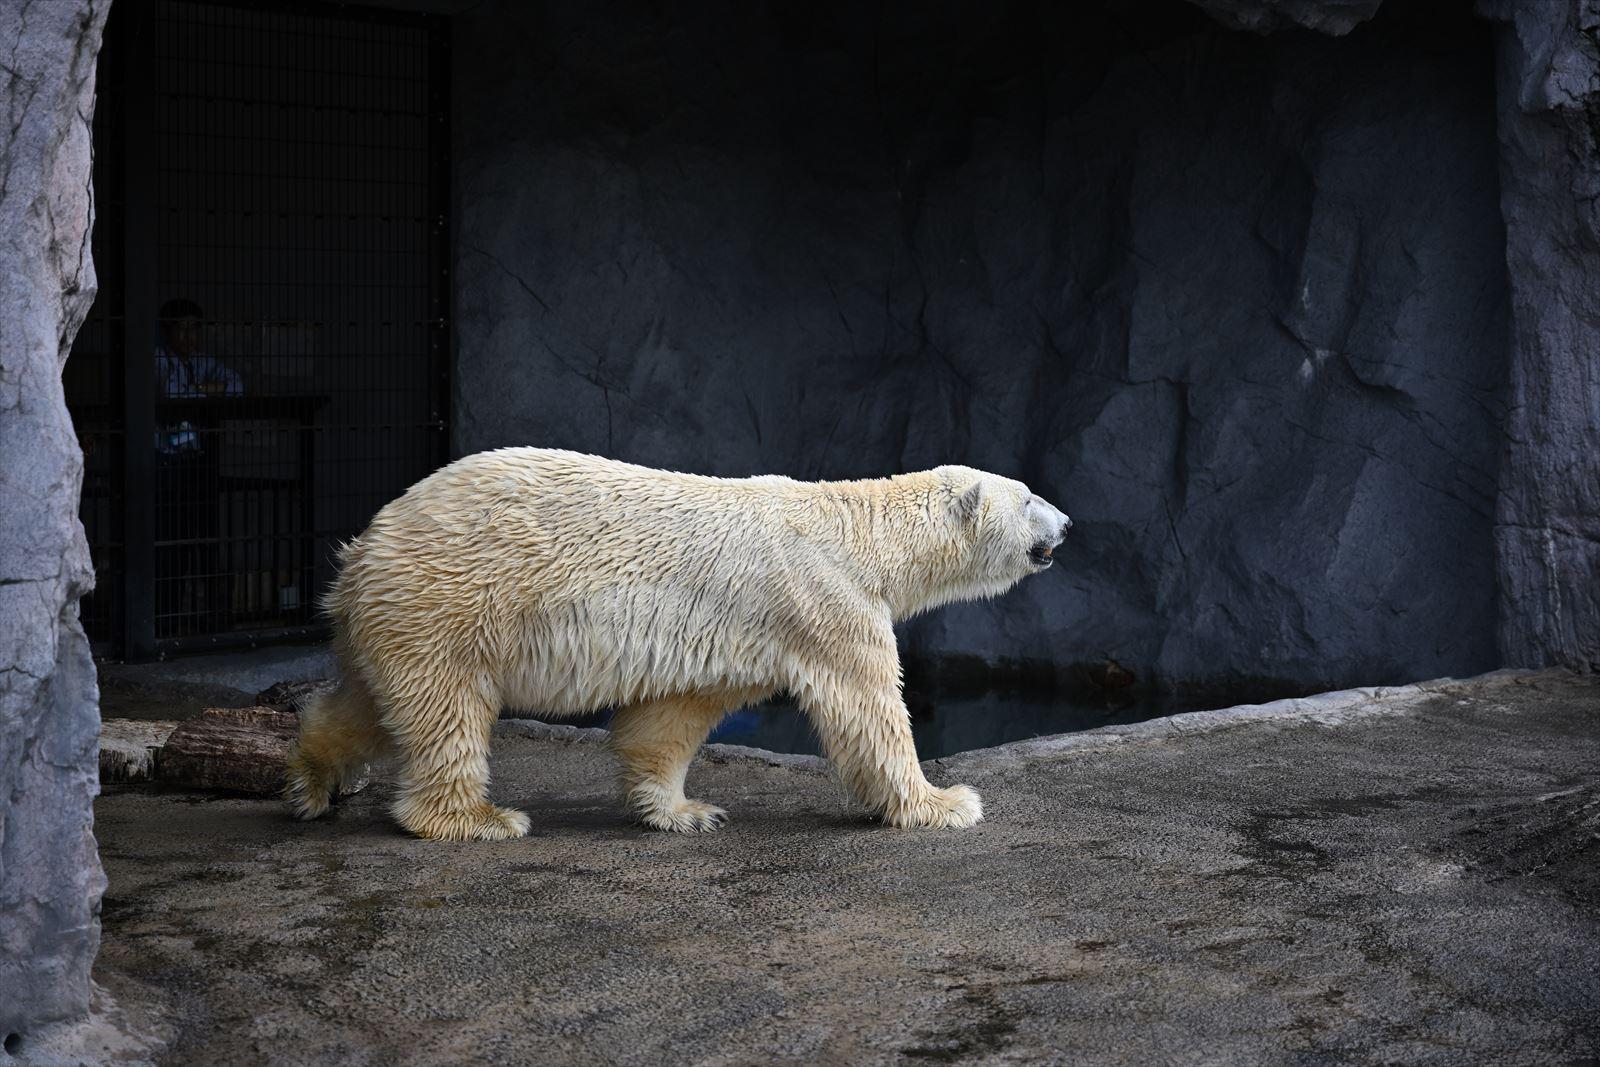 旭山動物園 2019.9.16 その1_a0145819_1241737.jpg